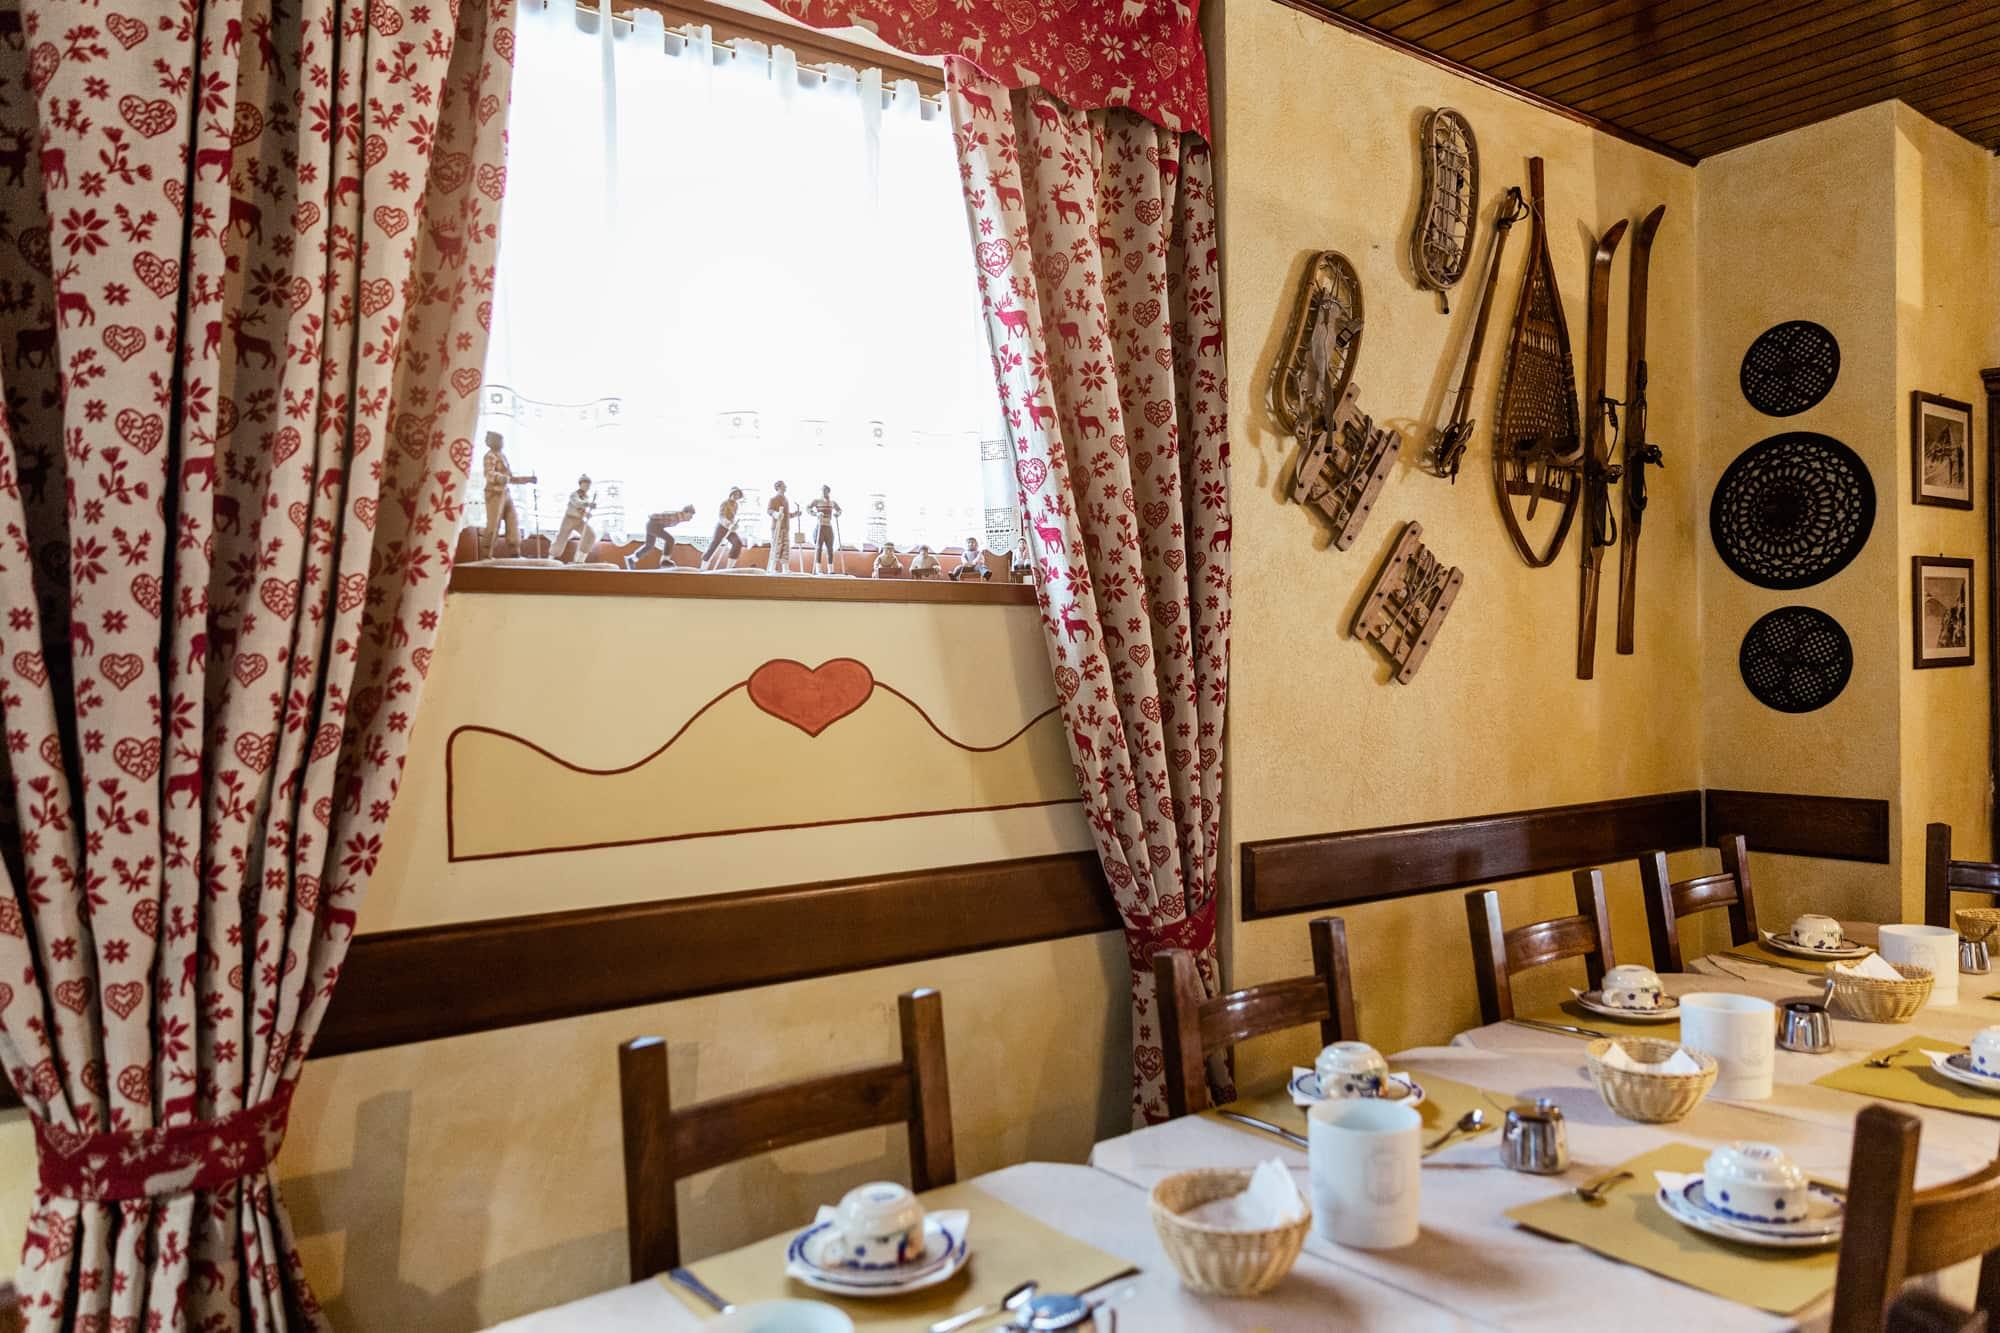 sala colazioni - jumeaux hotel tre stelle cervinia